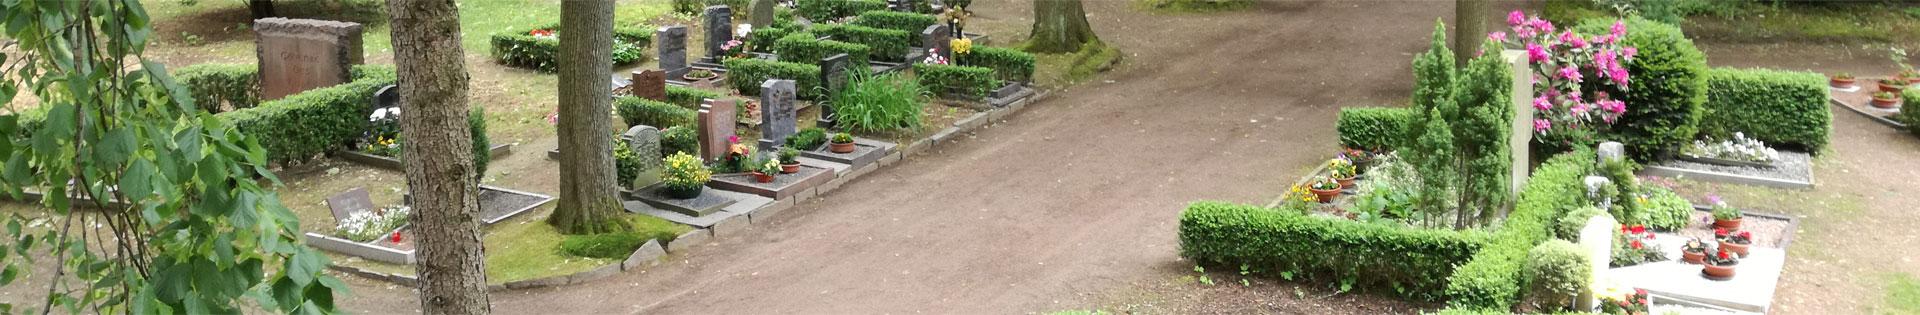 Friedhof Hartha - Grabarten